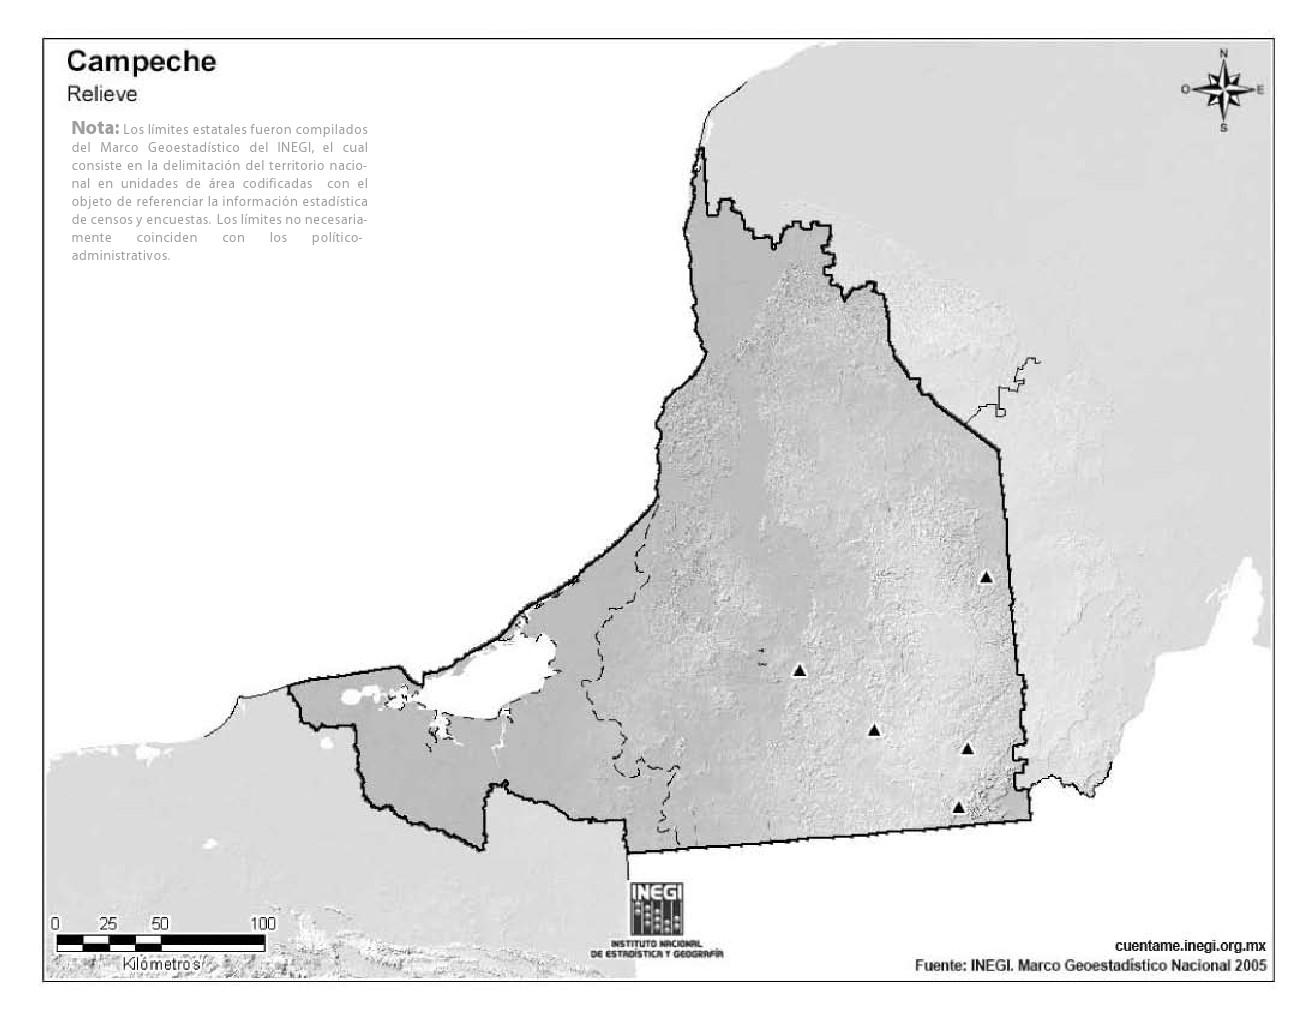 Mapa mudo de montañas de Campeche. INEGI de México